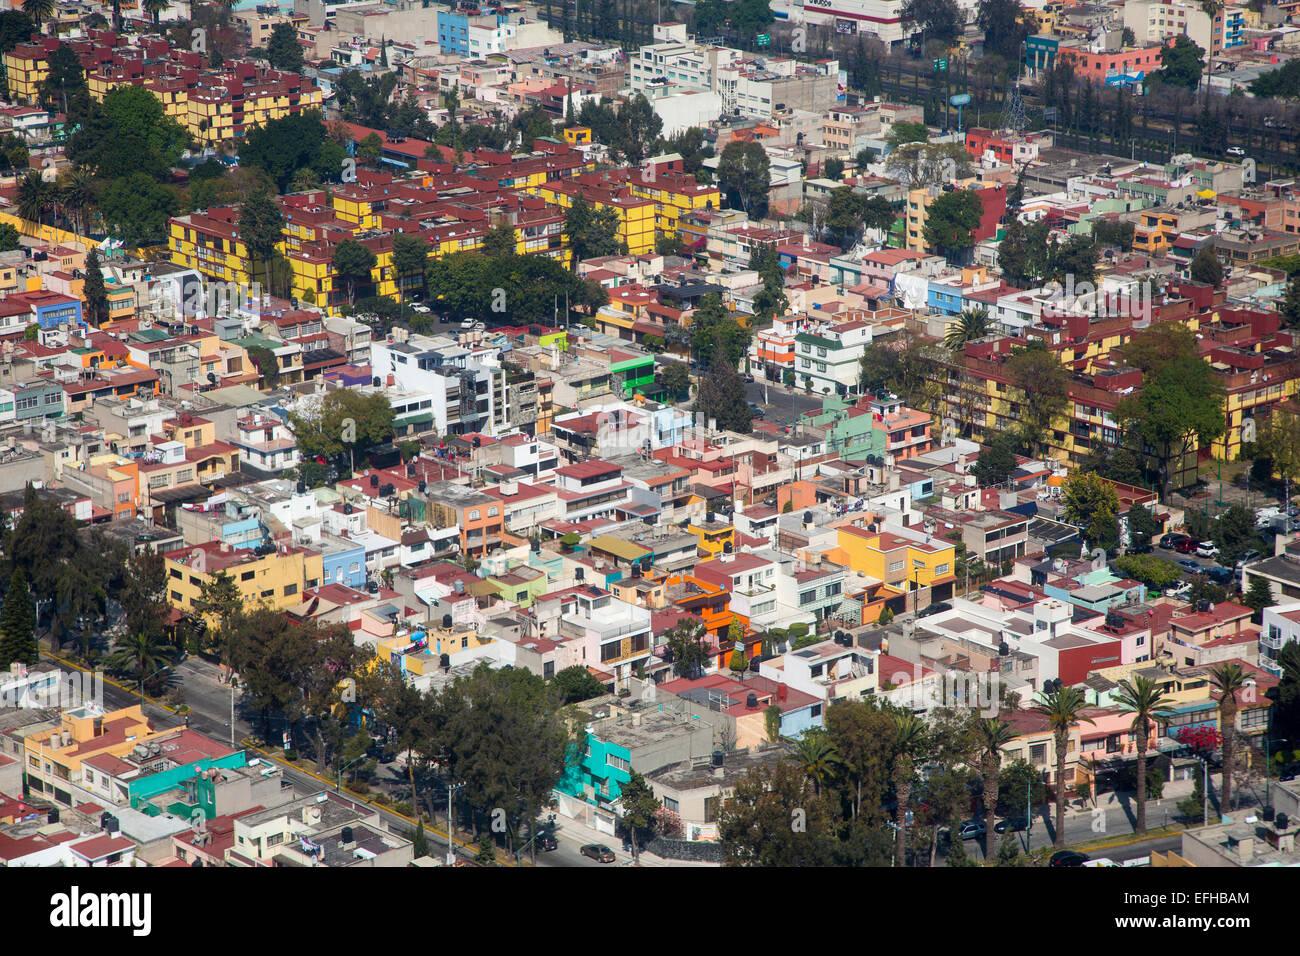 Città del Messico - scatola colorata in Città del Messico. Immagini Stock